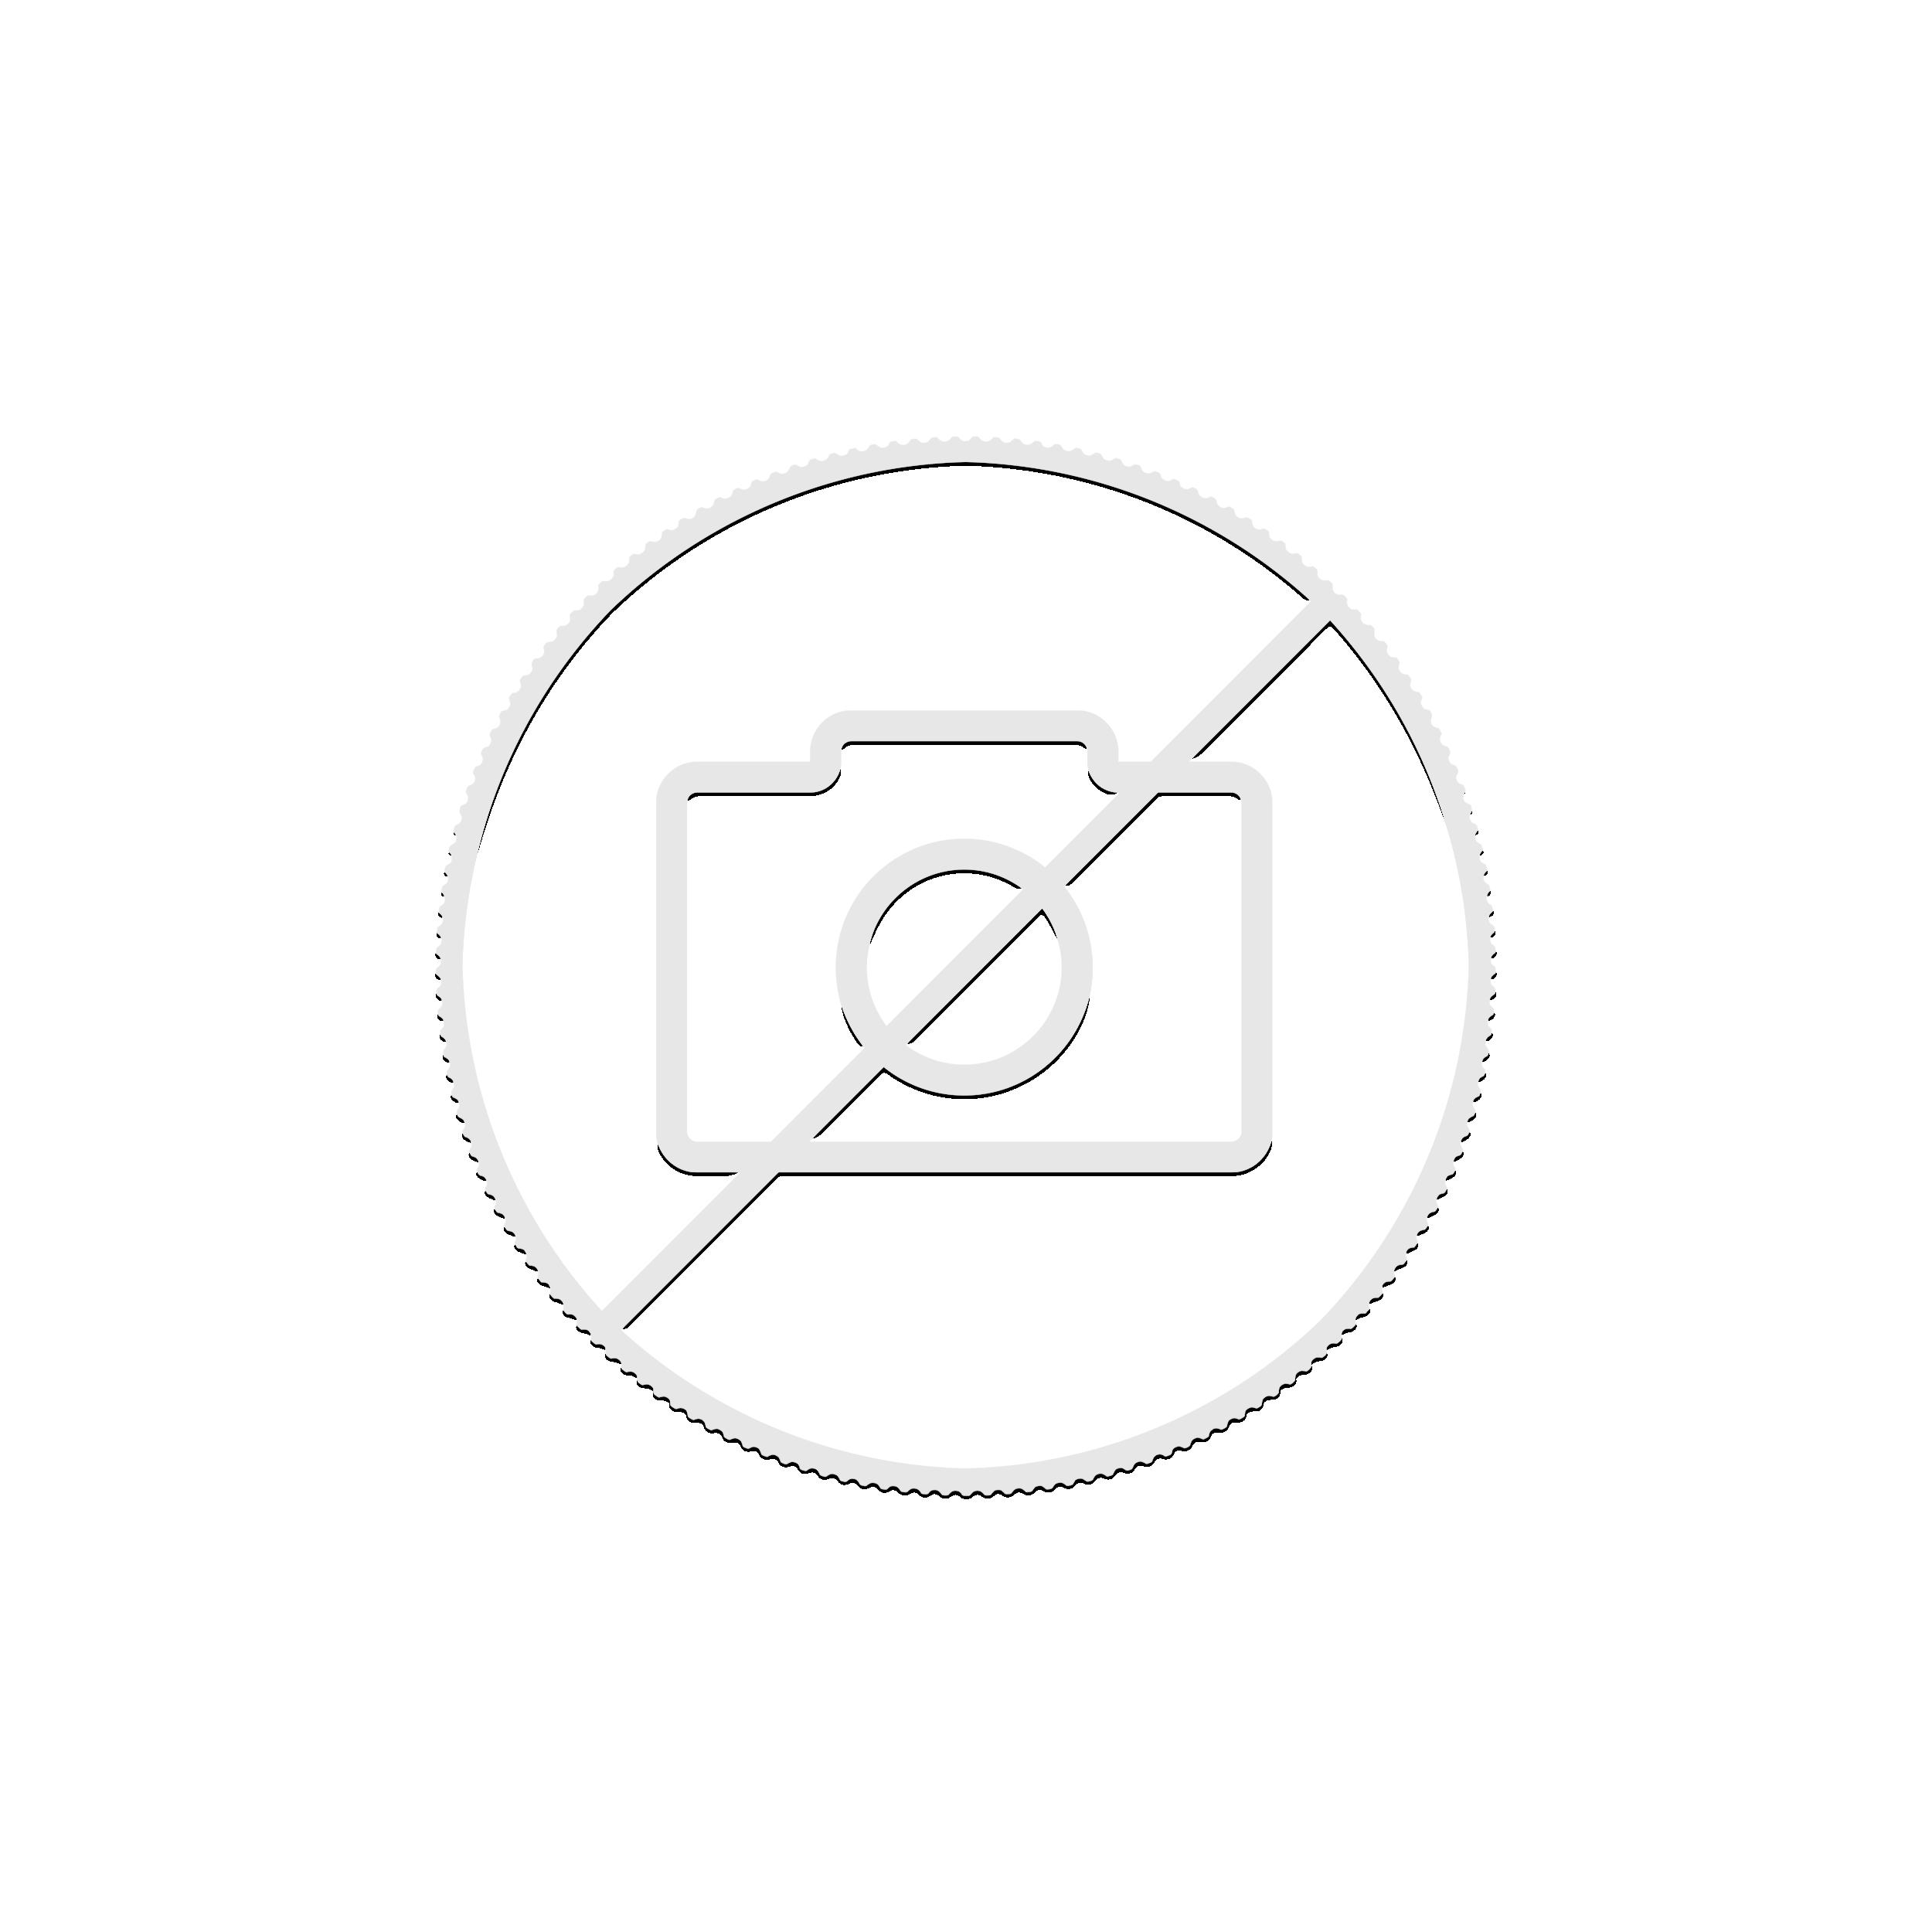 1 troy ounce silver coin Flamingo Virgin Islands 2021